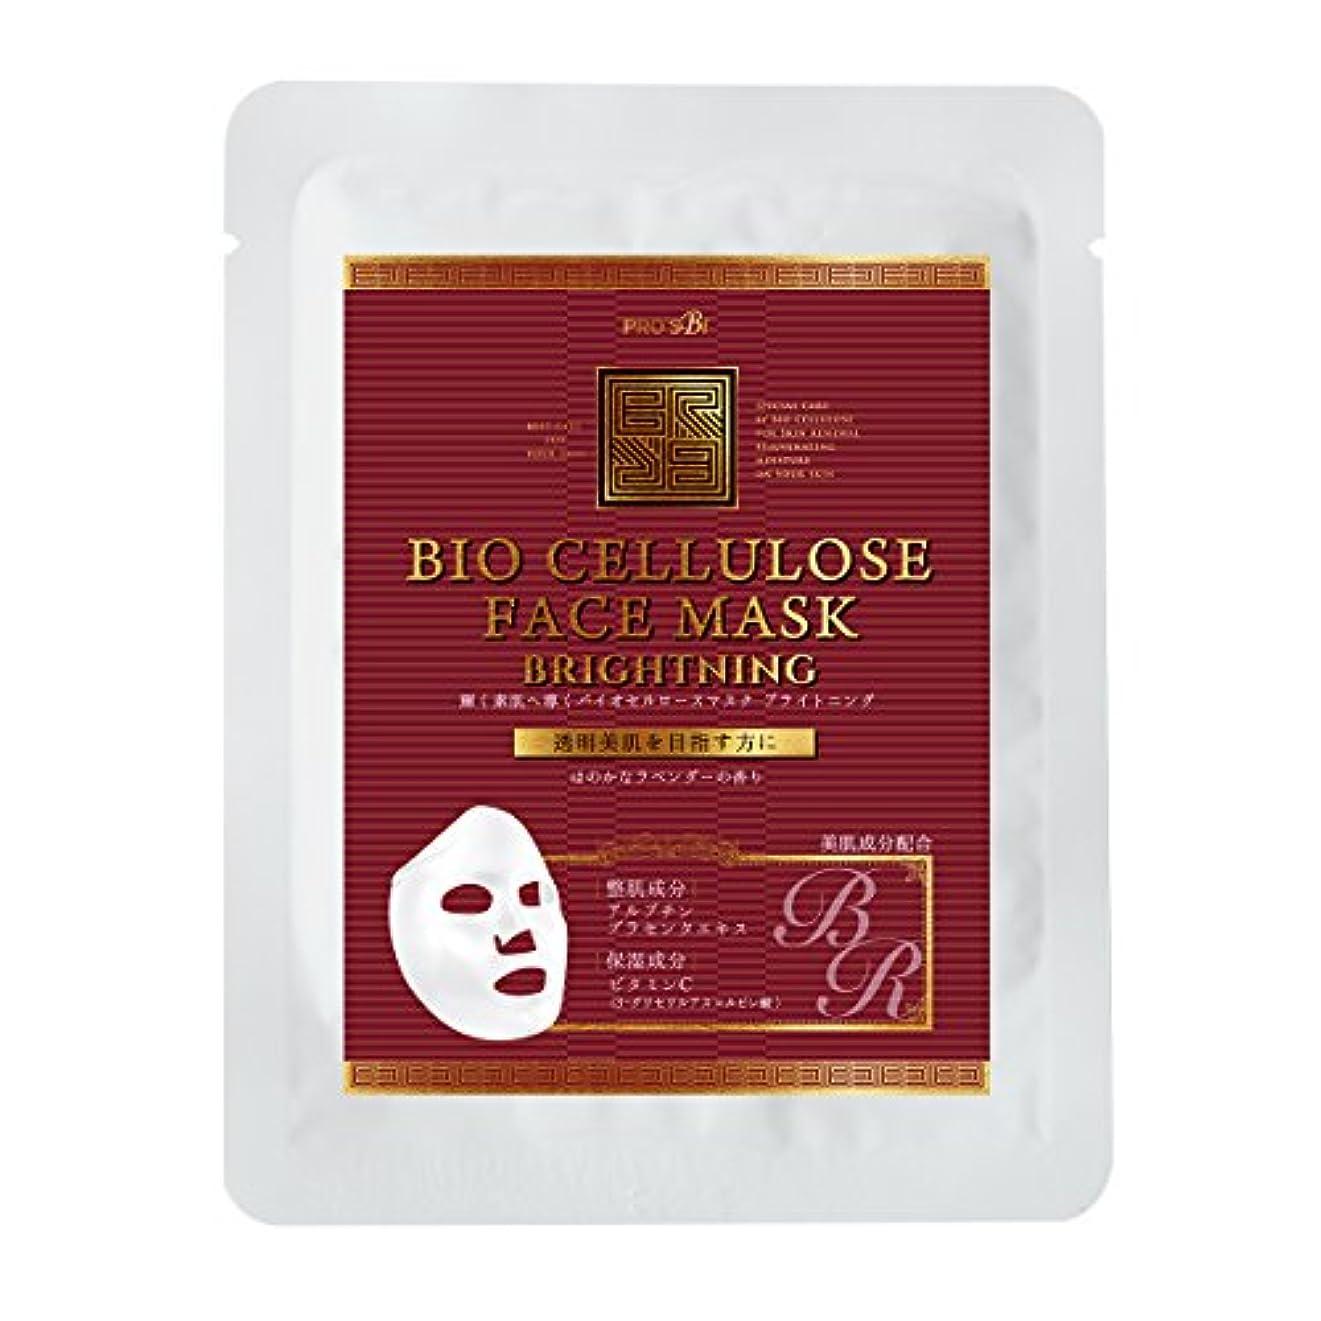 侵略めまいが月【全4種】 プロズビ バイオセルロースマスク ブライトニング [ フェイスマスク フェイスシート フェイスパック フェイシャルマスク シートマスク フェイシャルシート フェイシャルパック ローションマスク ローションパック 顔パック ]